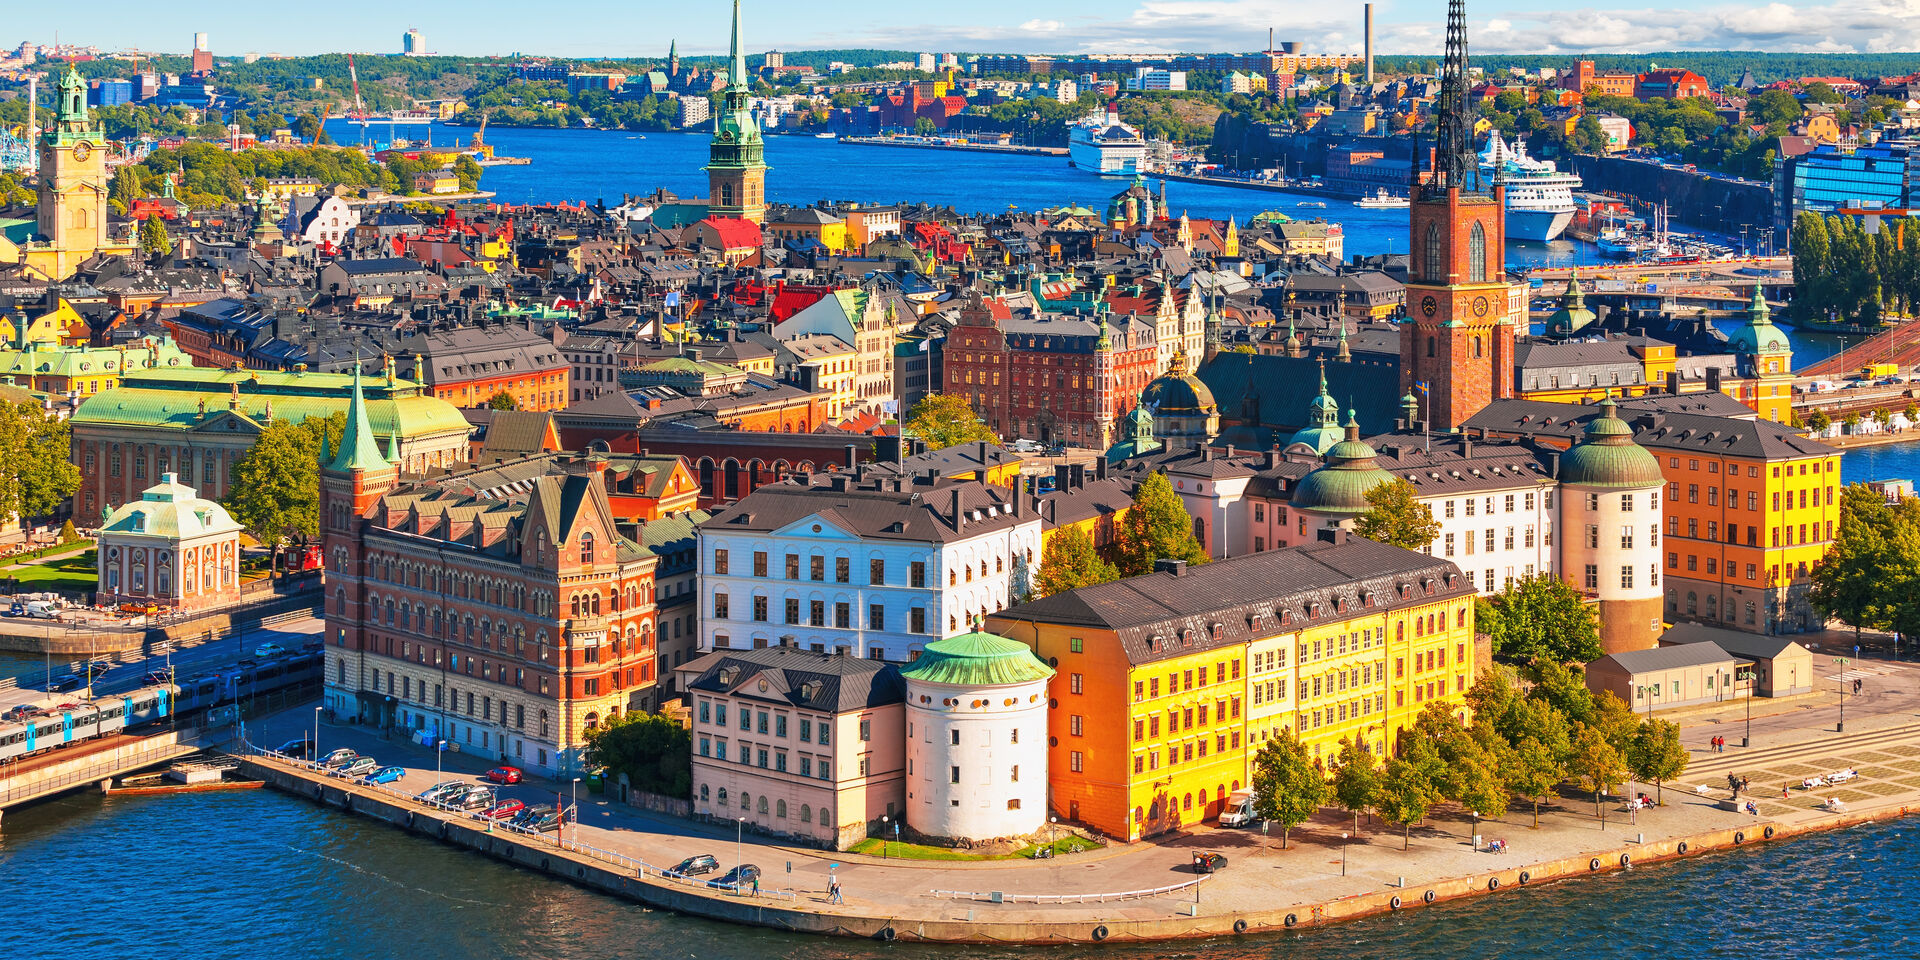 Ce que vous pouvez faire à Stockholm durant un Week-end